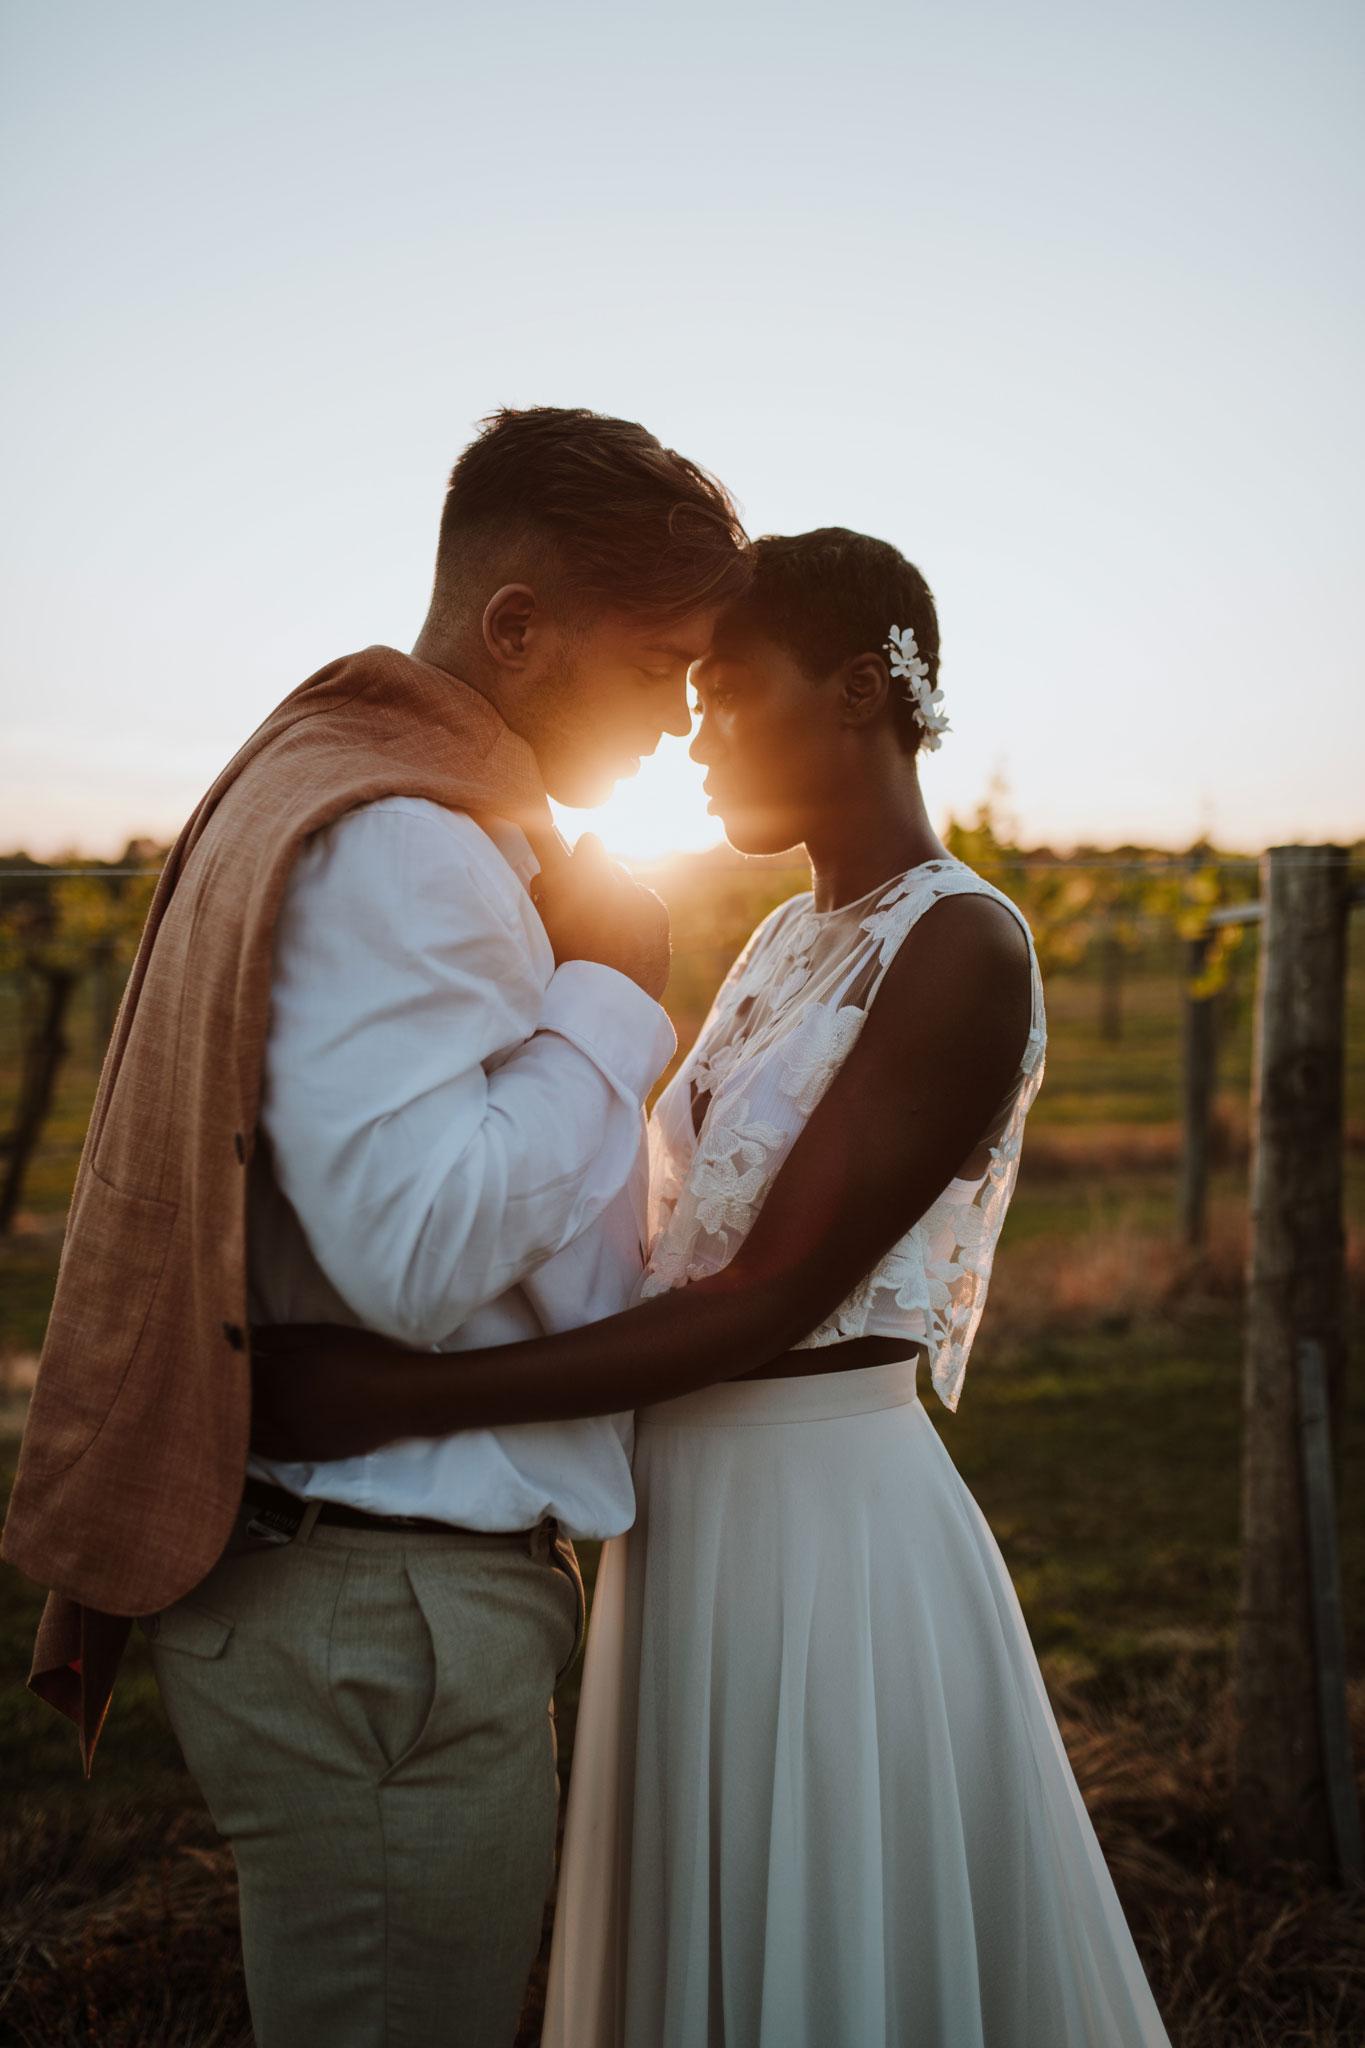 Golden hour, just married, bride, groom, couple, vineyard